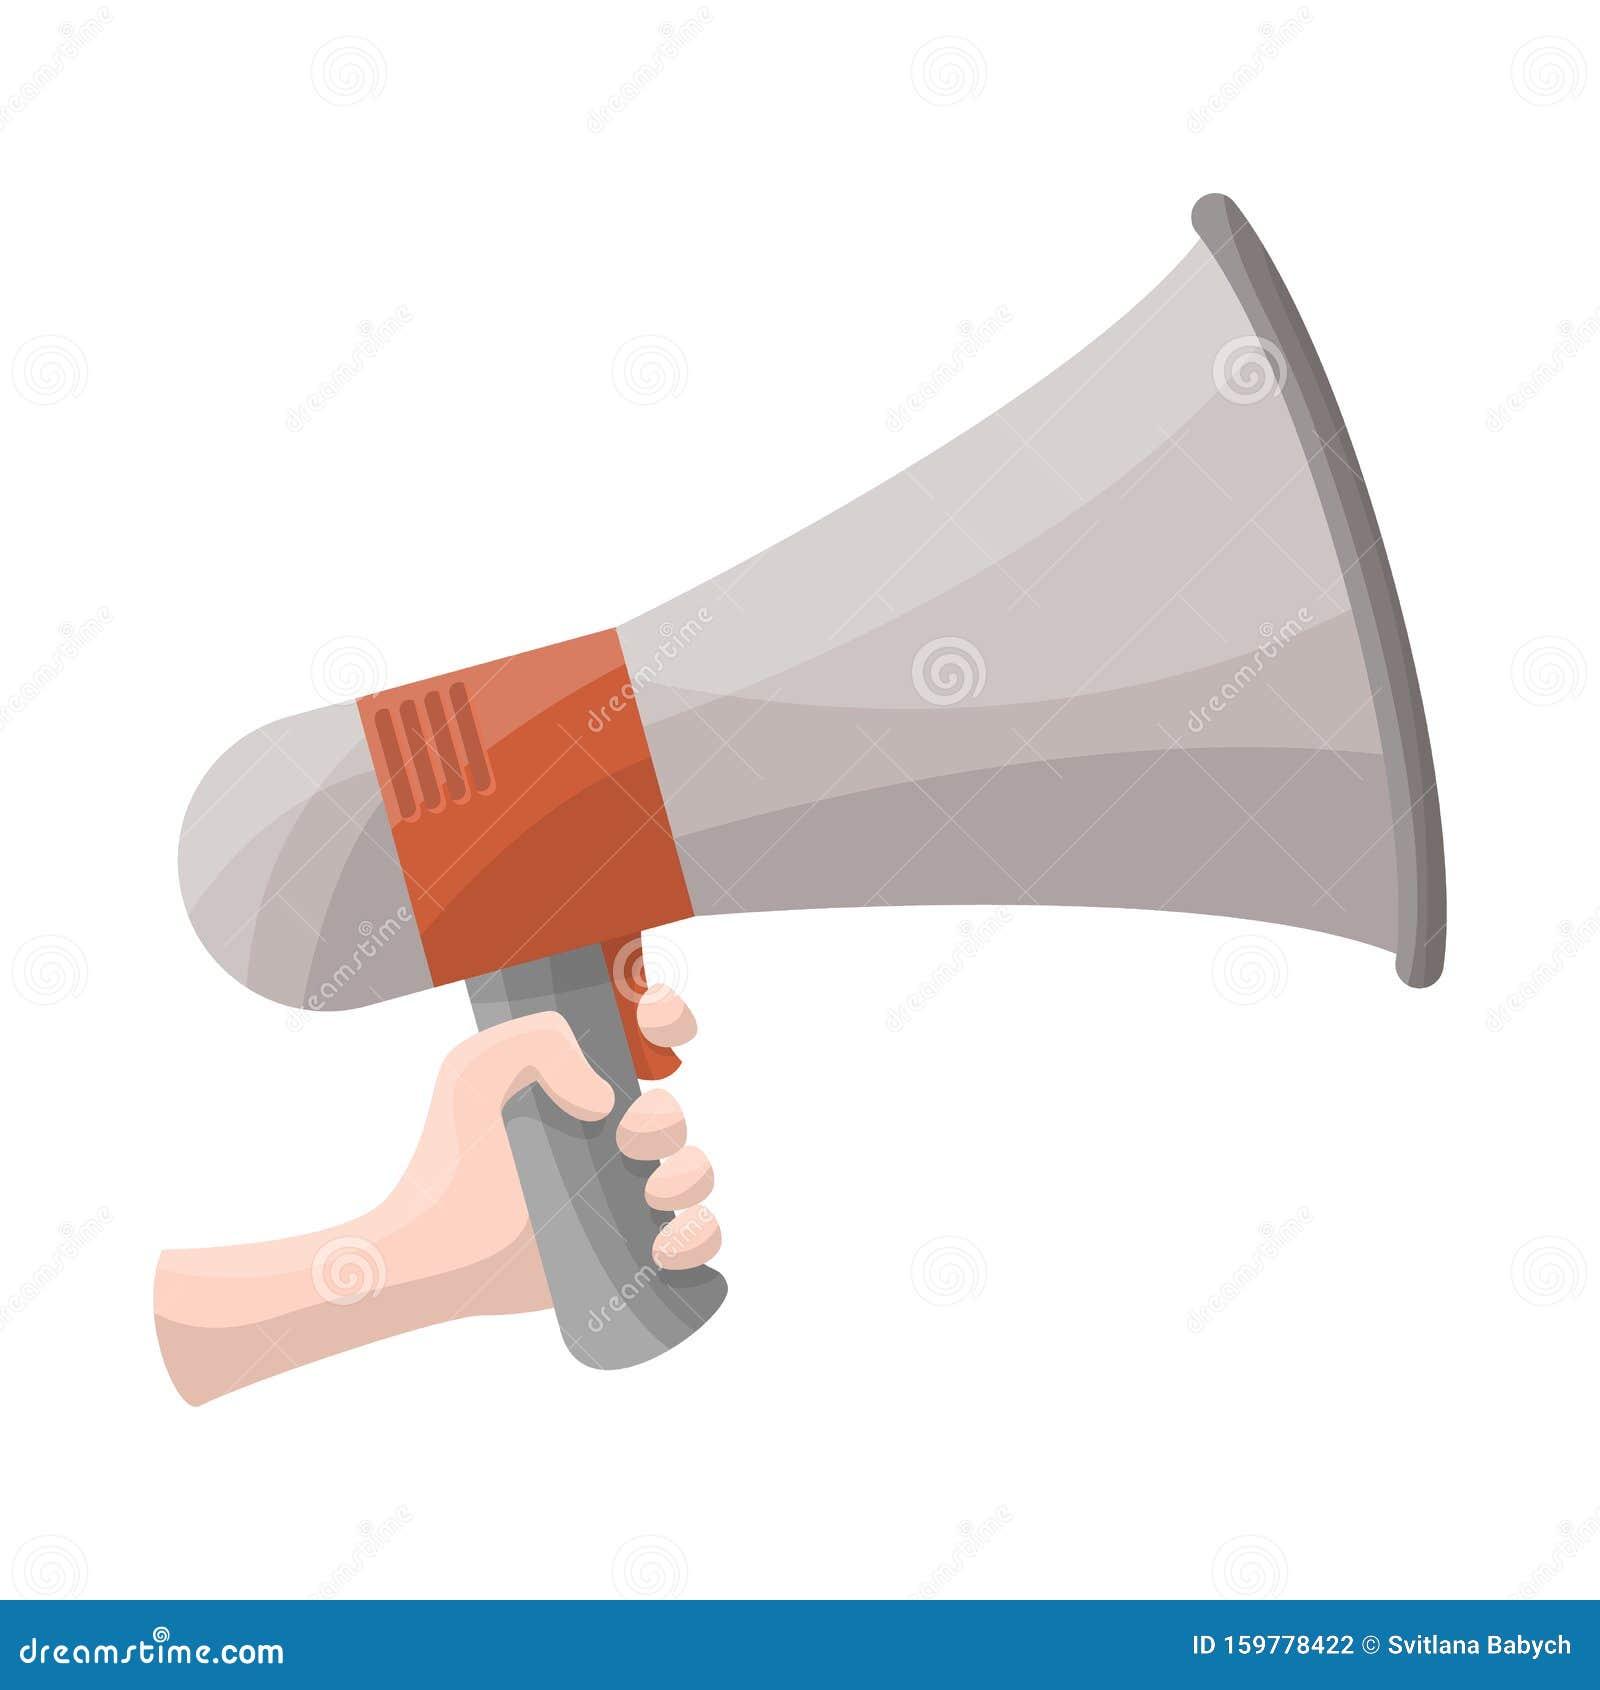 vector design of megaphone and speaker symbol graphic of megaphone and loudspeaker stock vector illustration stock vector illustration of sign isolated 159778422 dreamstime com